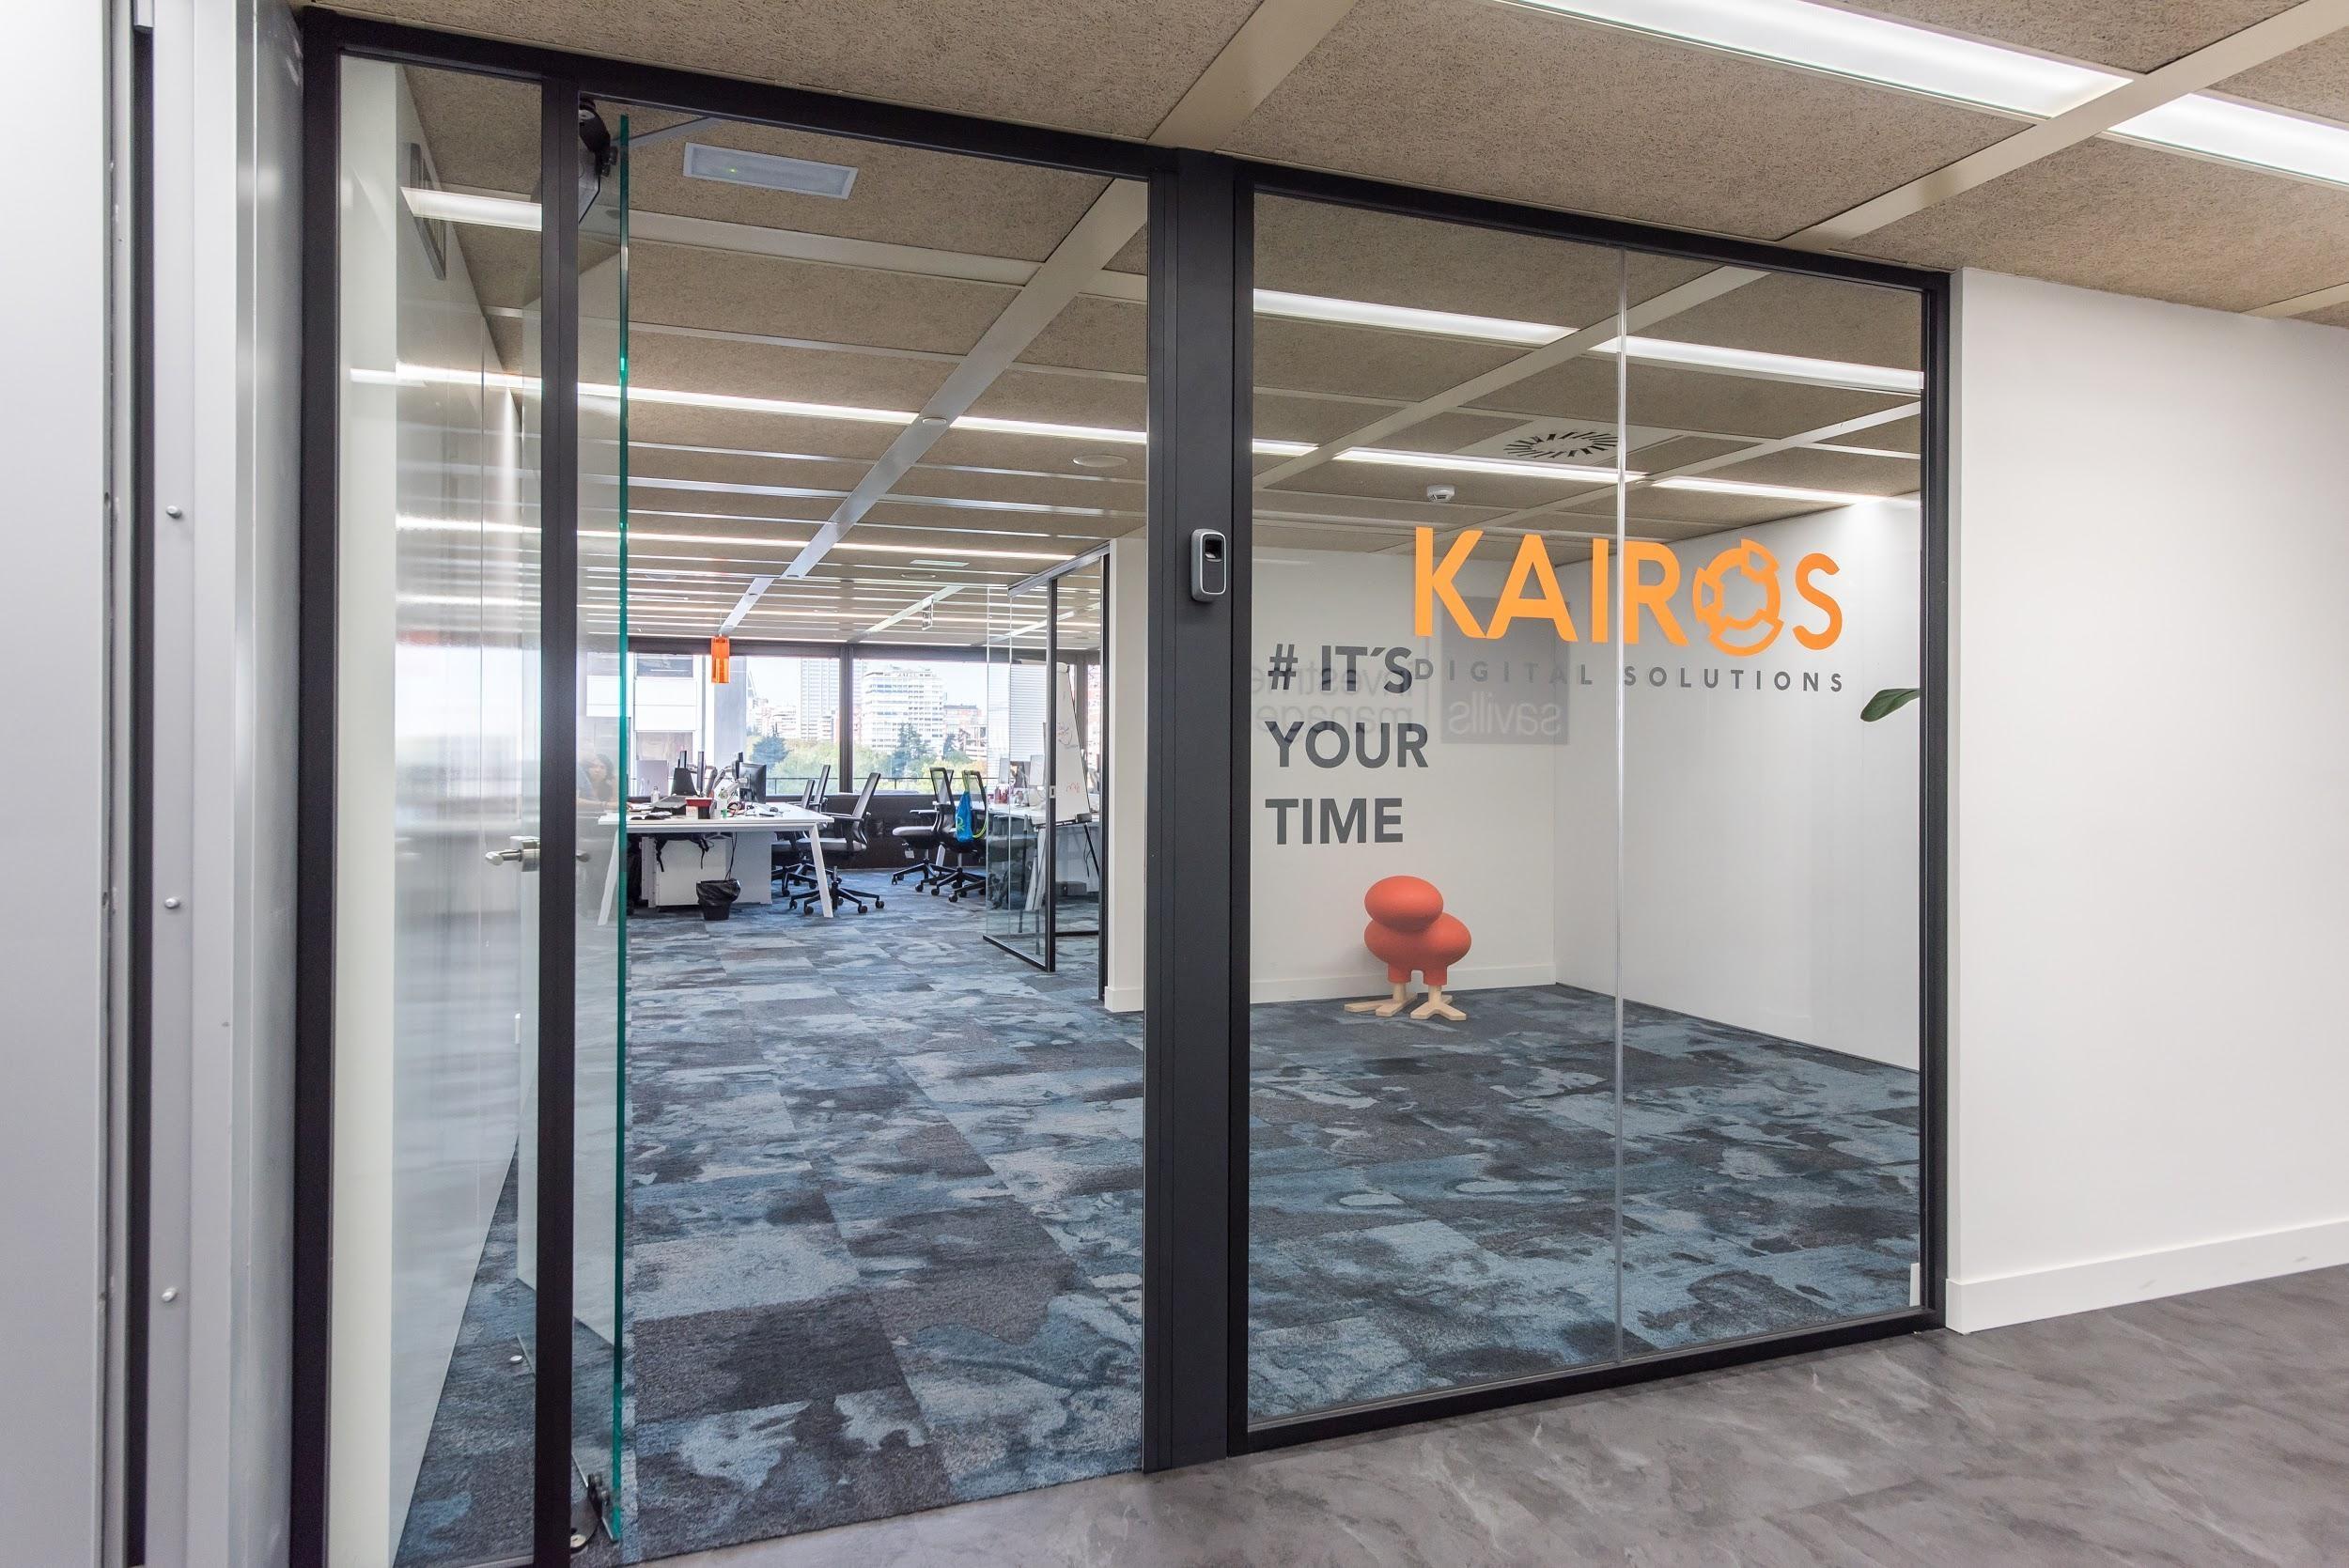 Kairós Ventures es la unidad de Corporate Venturing del Grupo Kairós DS creada para invertir y apoyar startups tecnológicas en el ámbito digital, con el objetivo de detectar y generar nuevas oportunidades de negocio que resulten beneficiosas para el Grupo, principalmente en su relación con los clientes y el mercado.